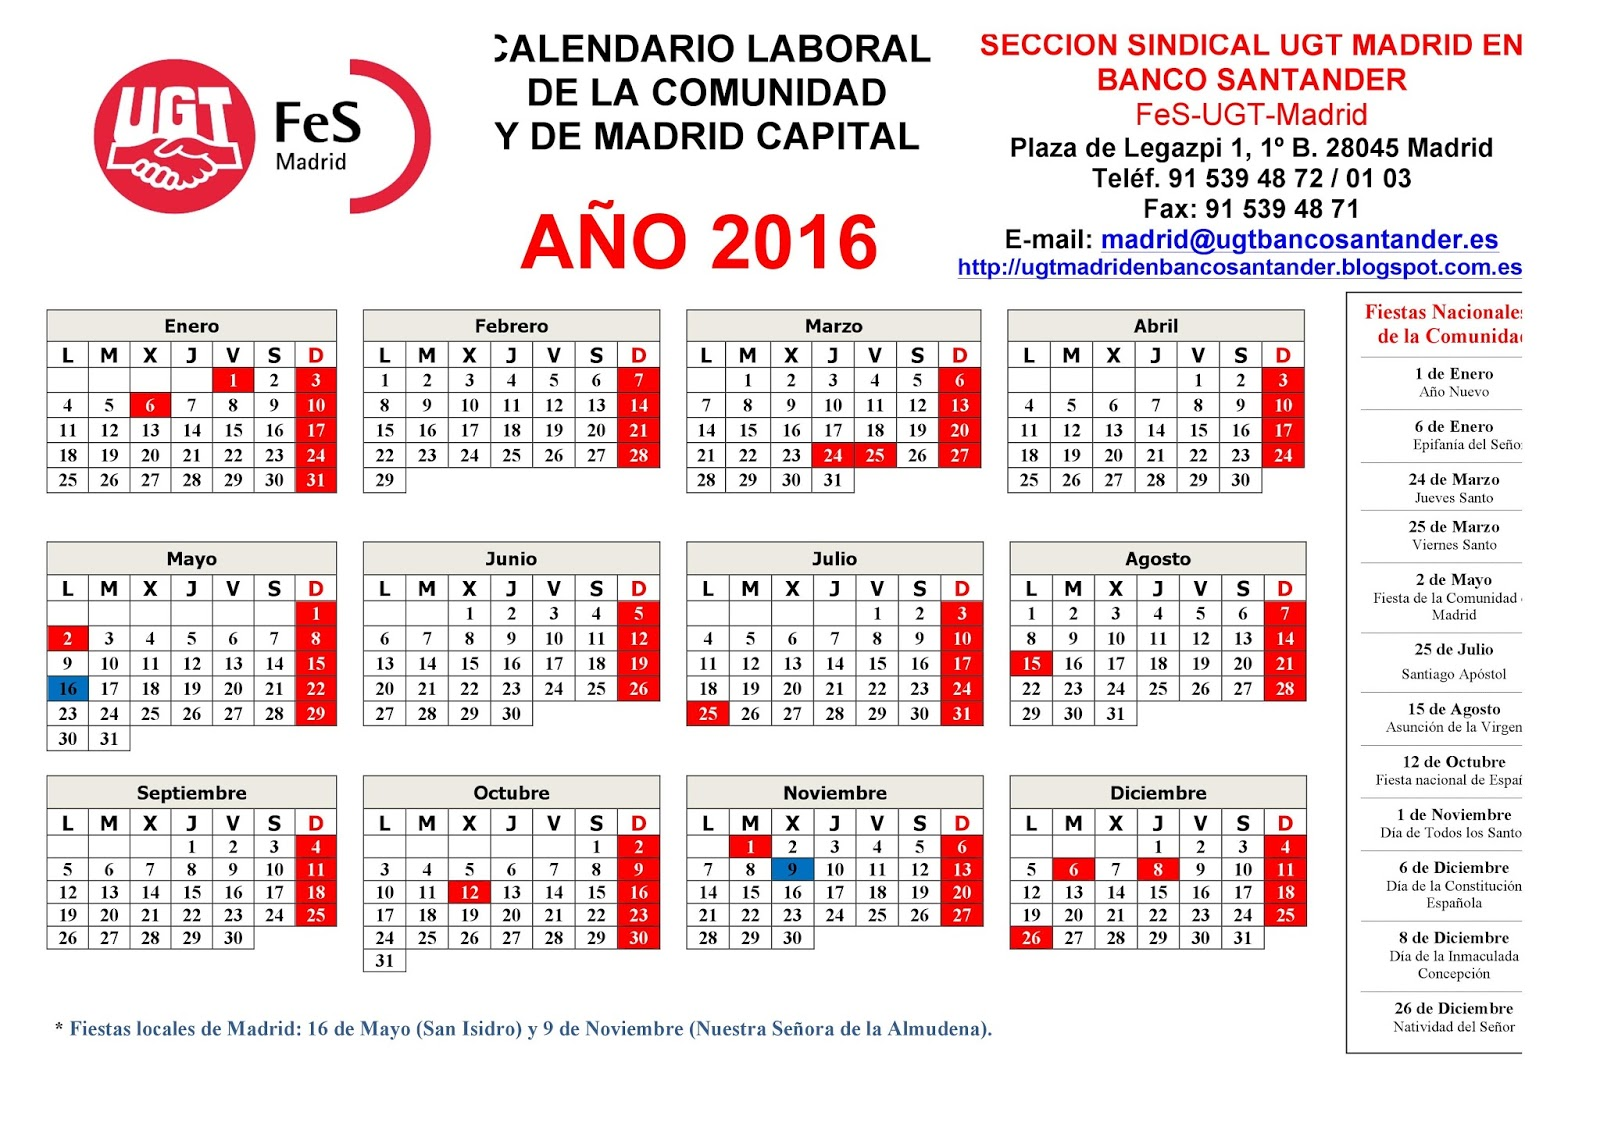 Calendario laboral provisional para 2016: Año de puentes